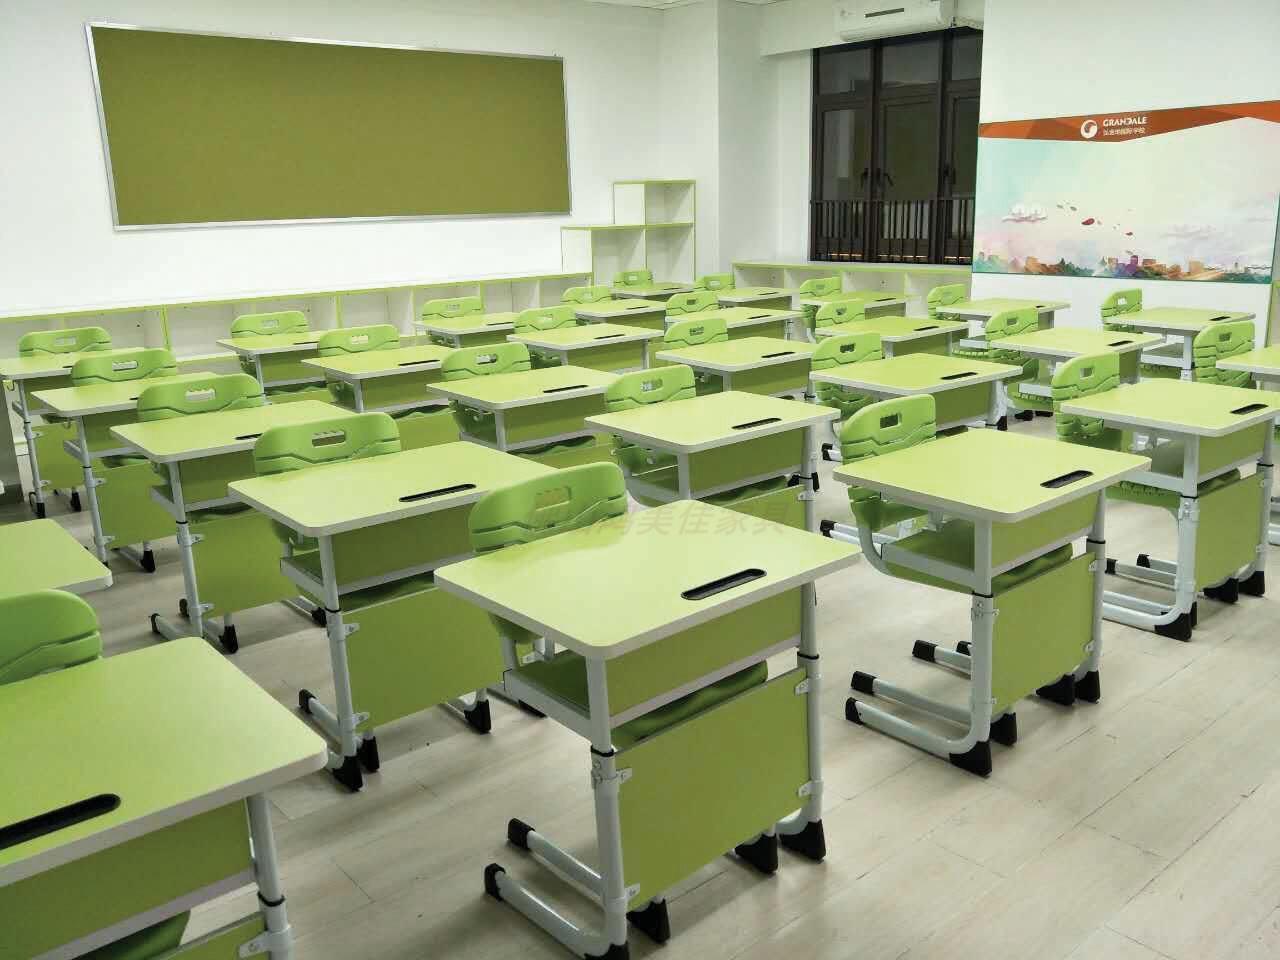 新款钢木课桌椅,广东鸿美佳厂家专业生产供应钢木课桌